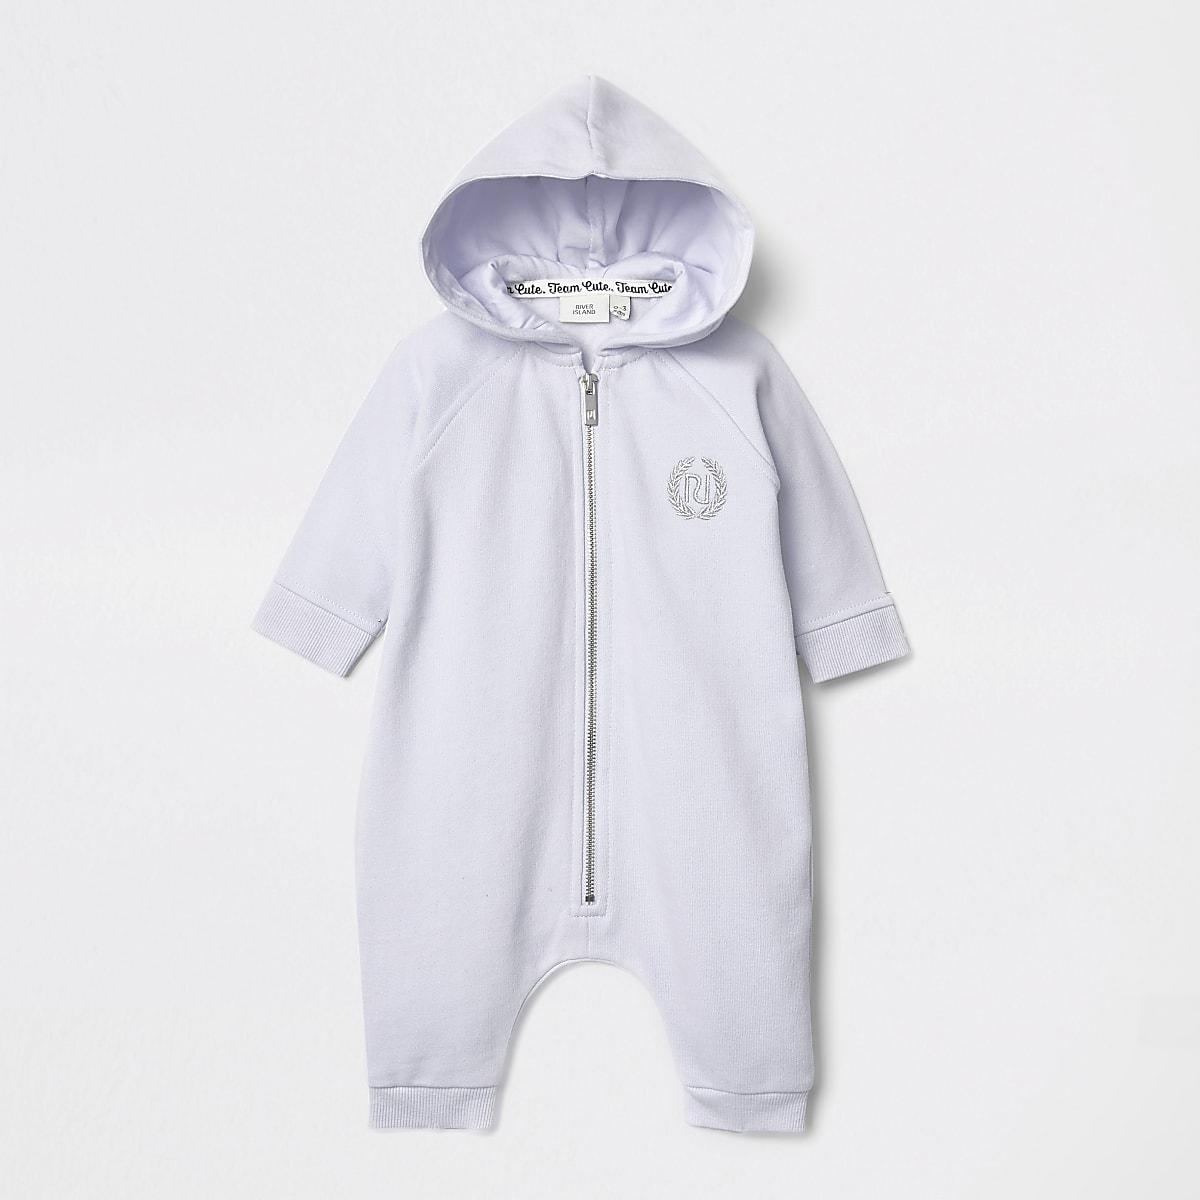 Baby blue angel wings hooded baby grow